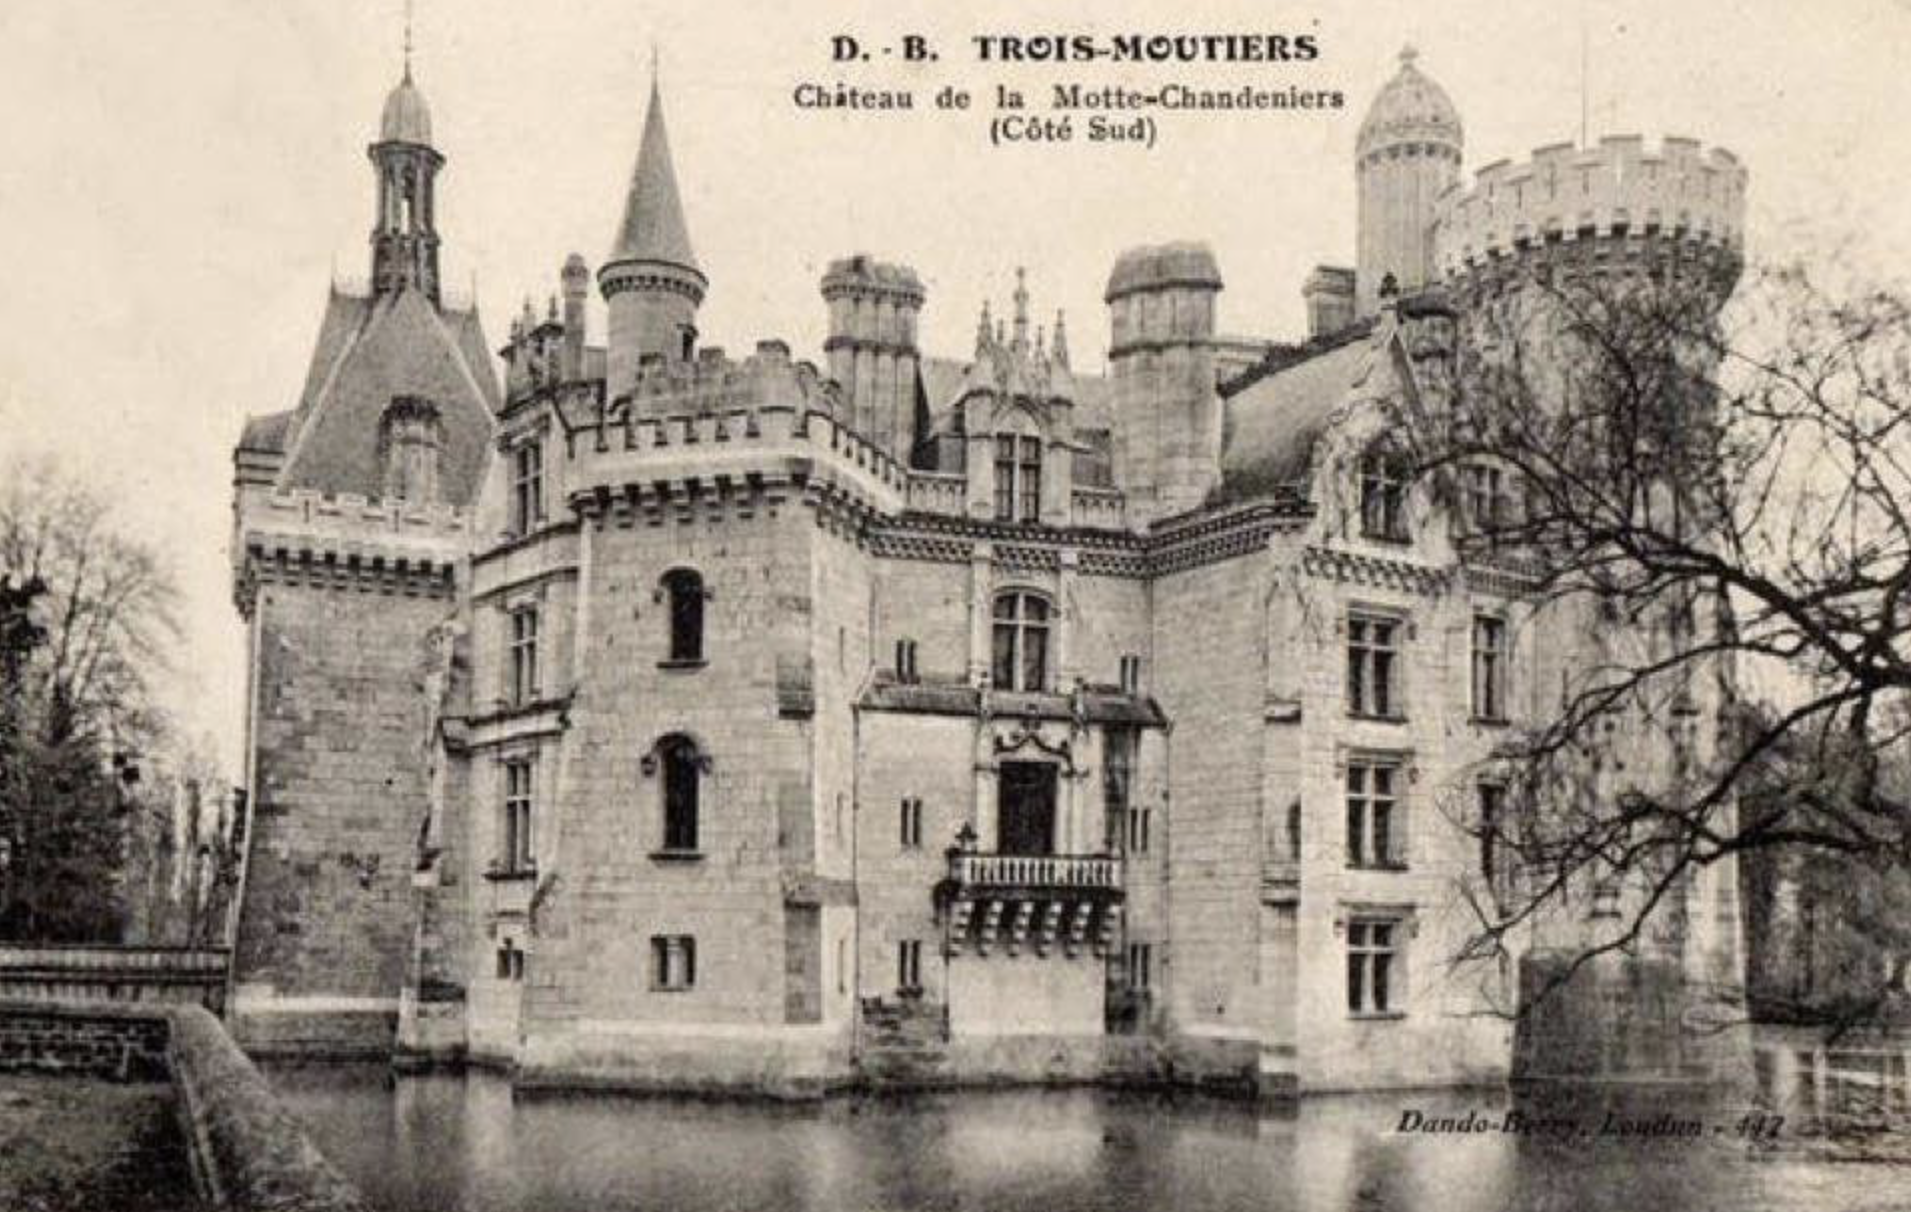 Château de la Mothe-Chandeniers, château en ruine, superbe château, Jean-Baptiste Chauvin photographe